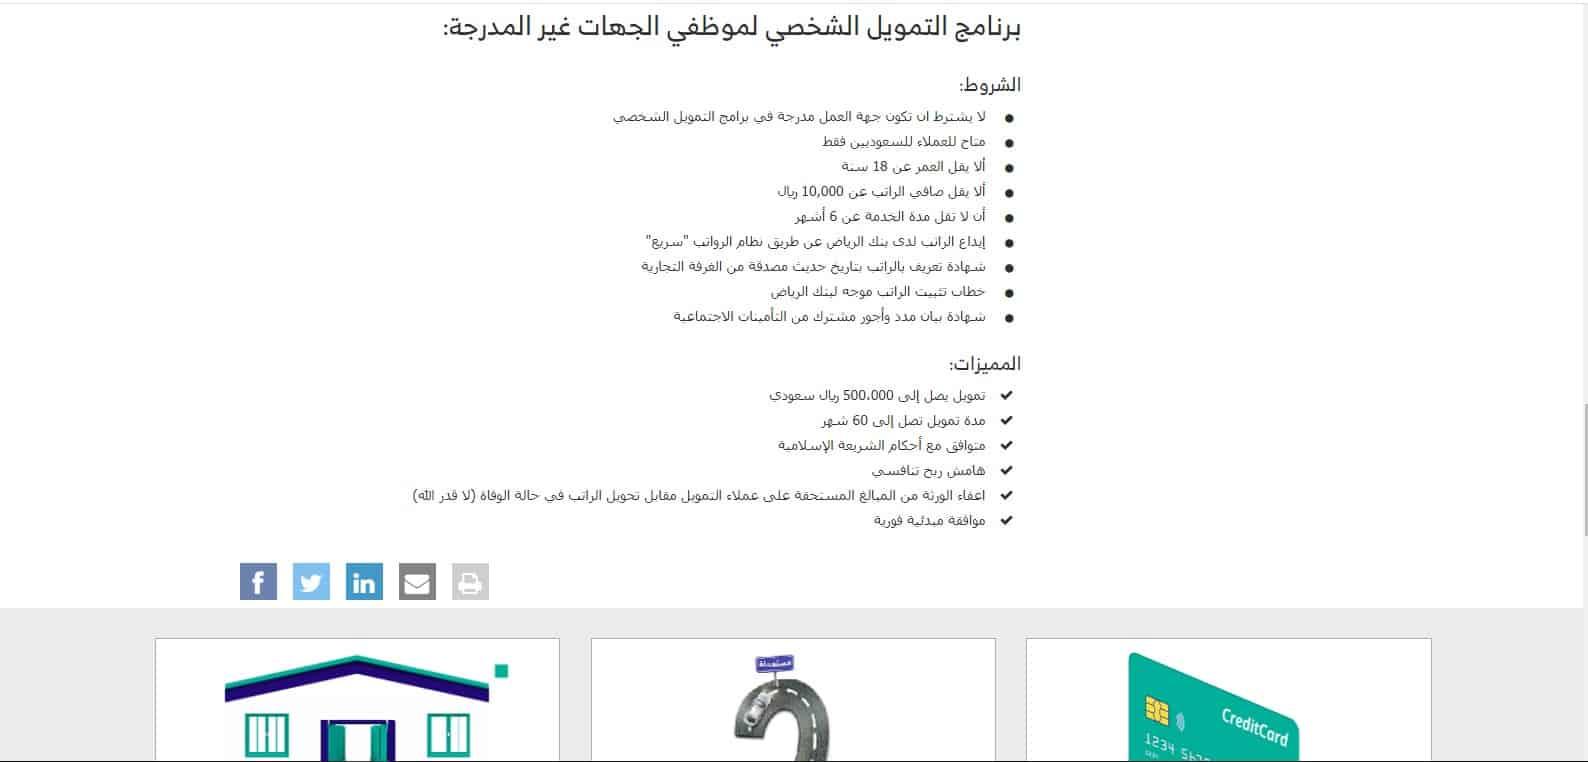 برنامج التمويل الشخصي للسعوديين بنك الرياض بمعاش 3 000 ريال الشروط والمميزات ورابط التقديم ثقفني